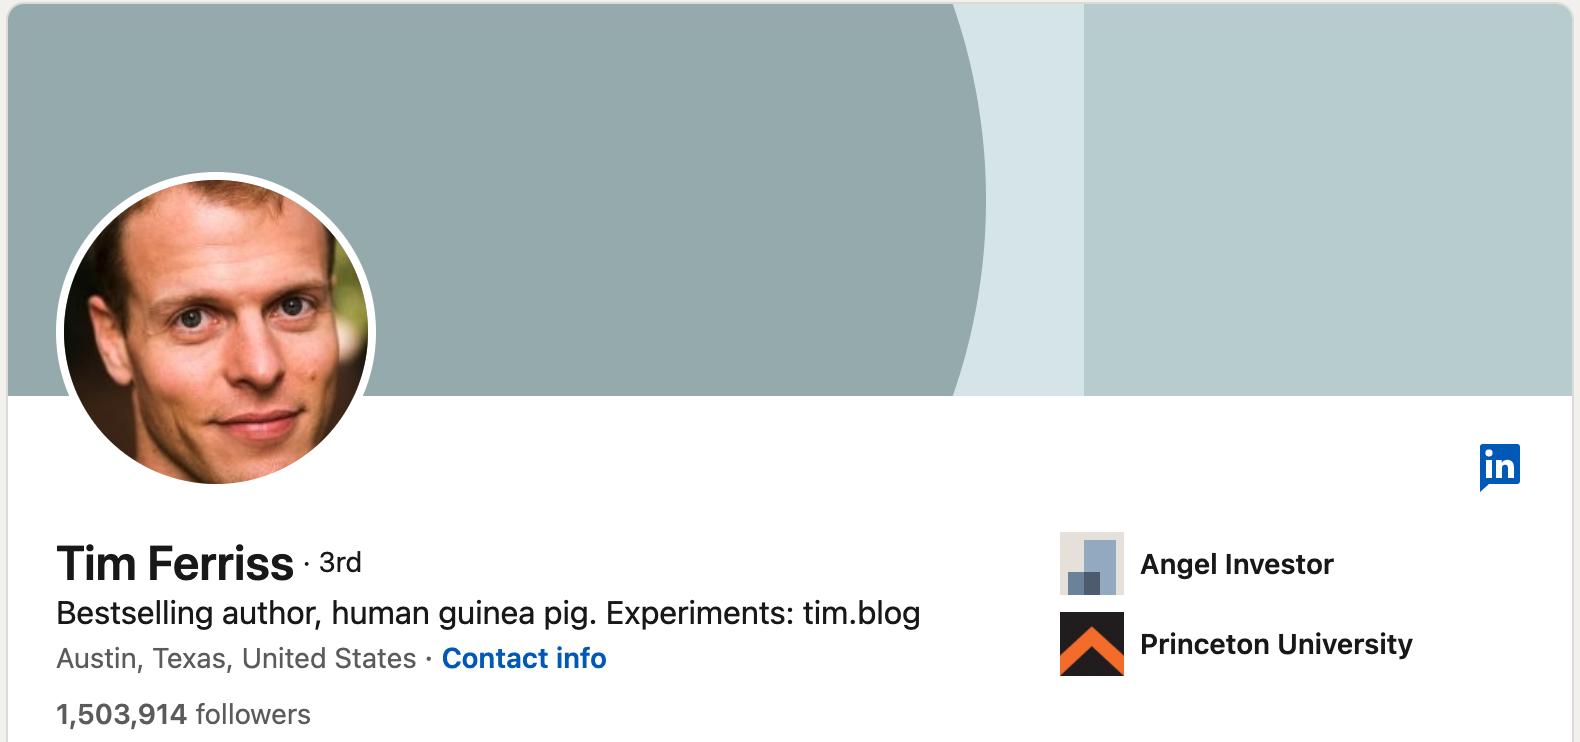 Tim Ferriss' LinkedIn profile